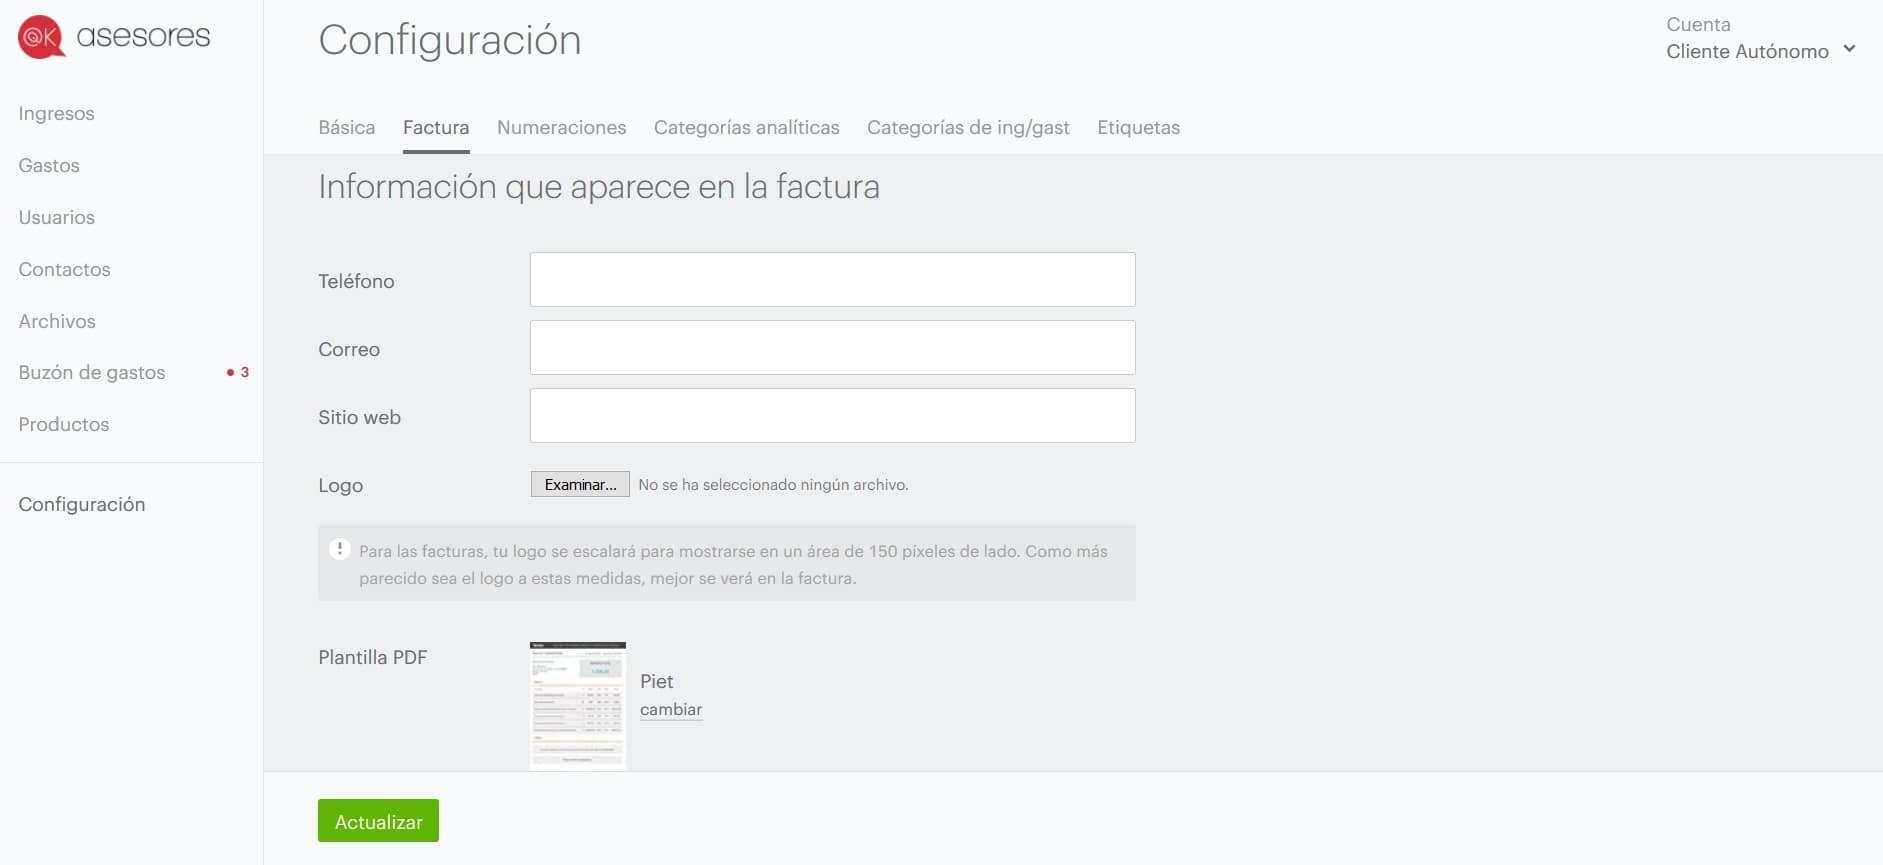 Configuración de la cuenta del software de facturación online OKasesores